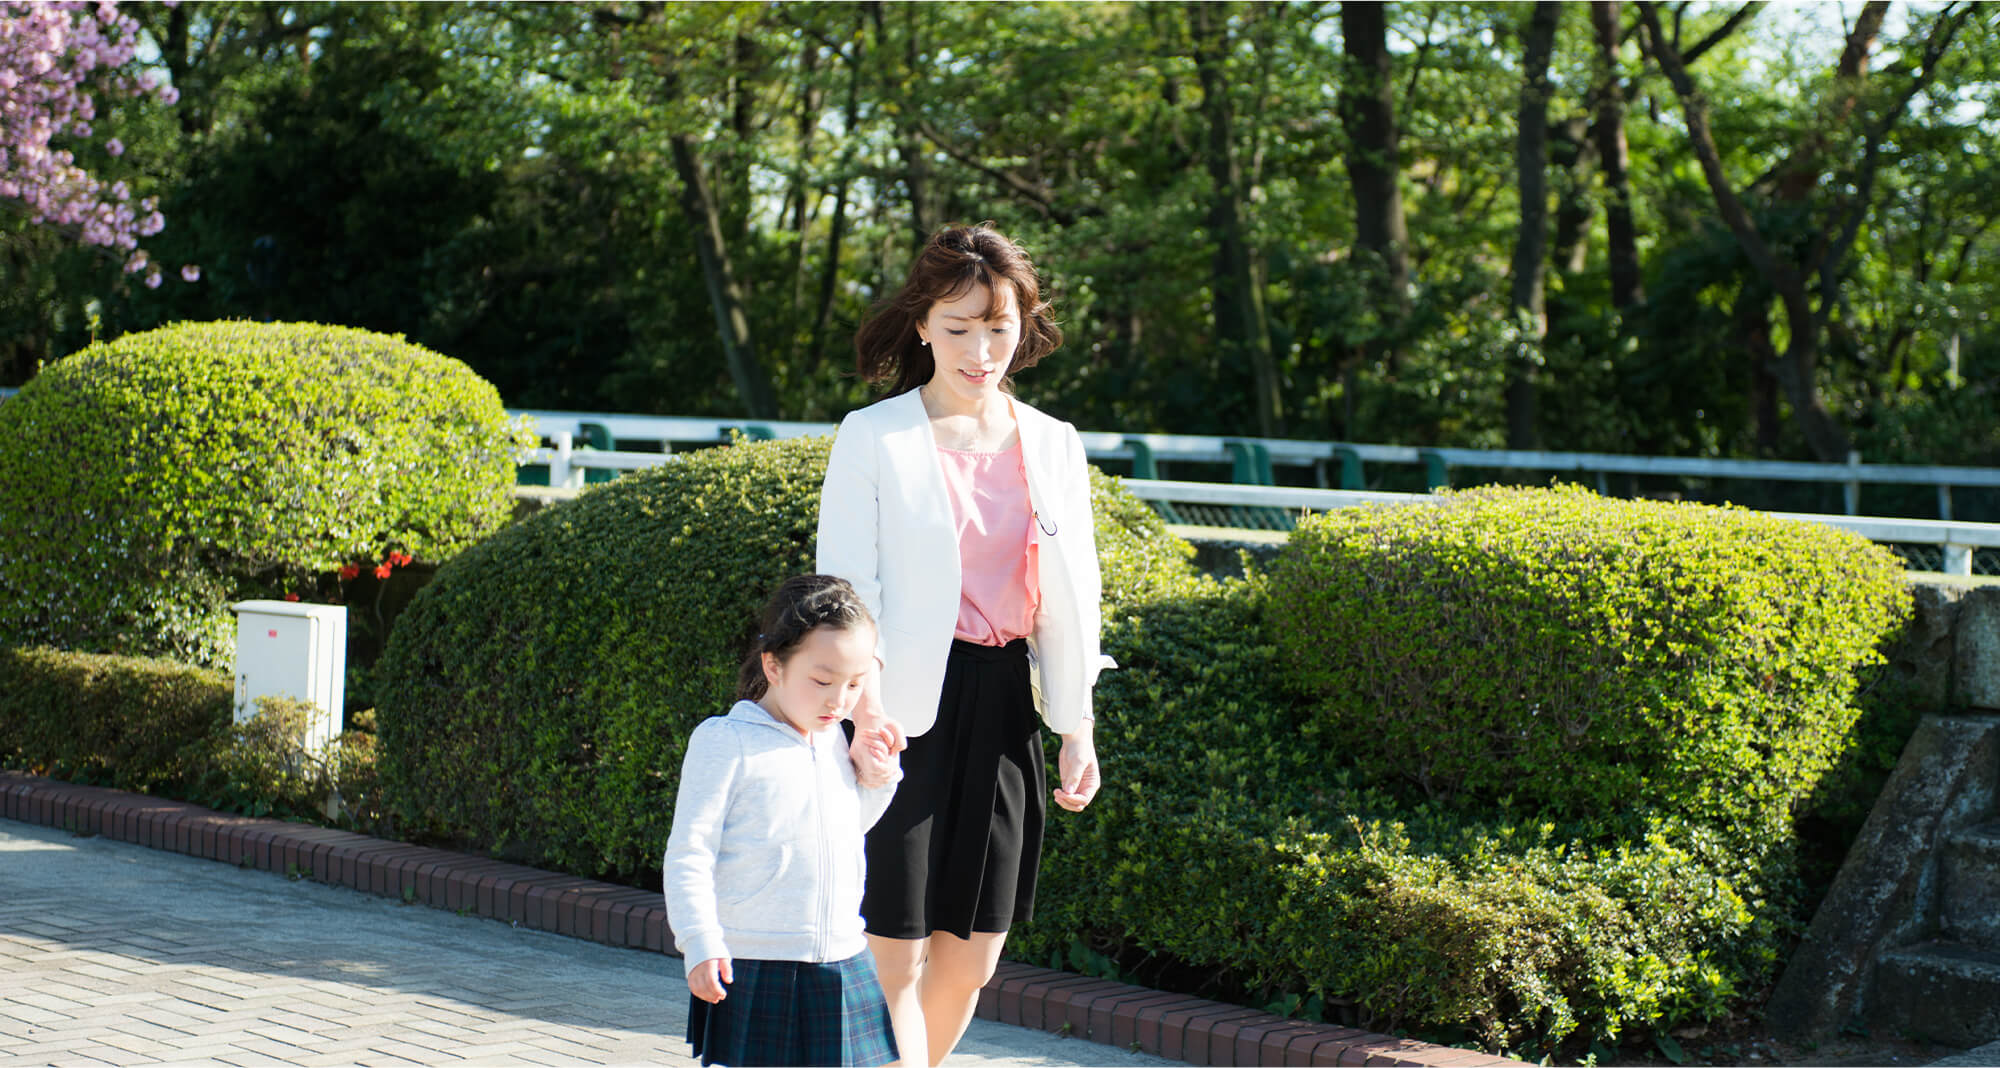 佐藤美樹(さとうみき)| 世田谷区議会議員 ~ 会計士の目線とママの心で ~ 会計士の目線とママの心で